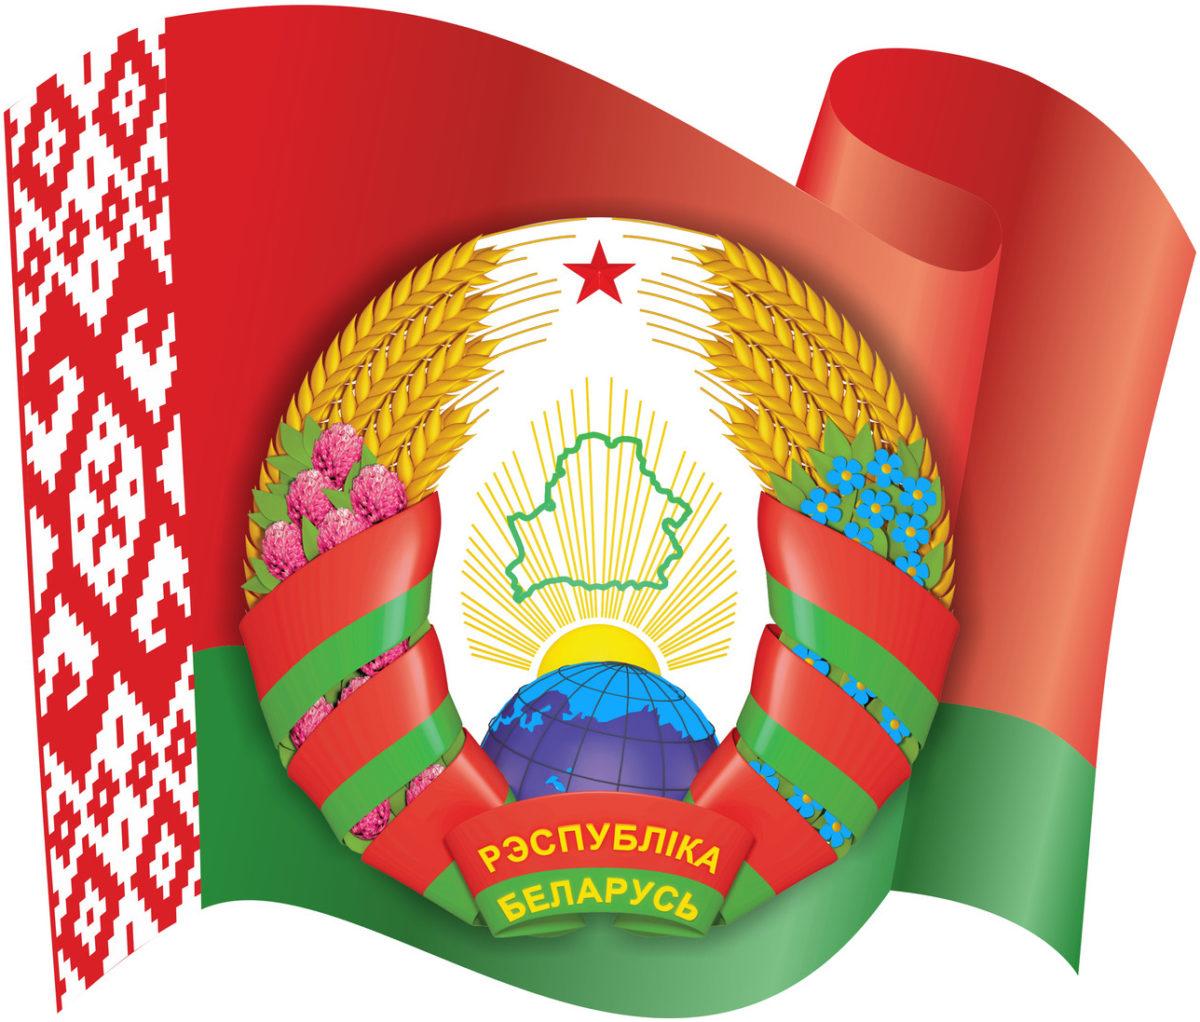 Беларусь Торговое финансирование 2019